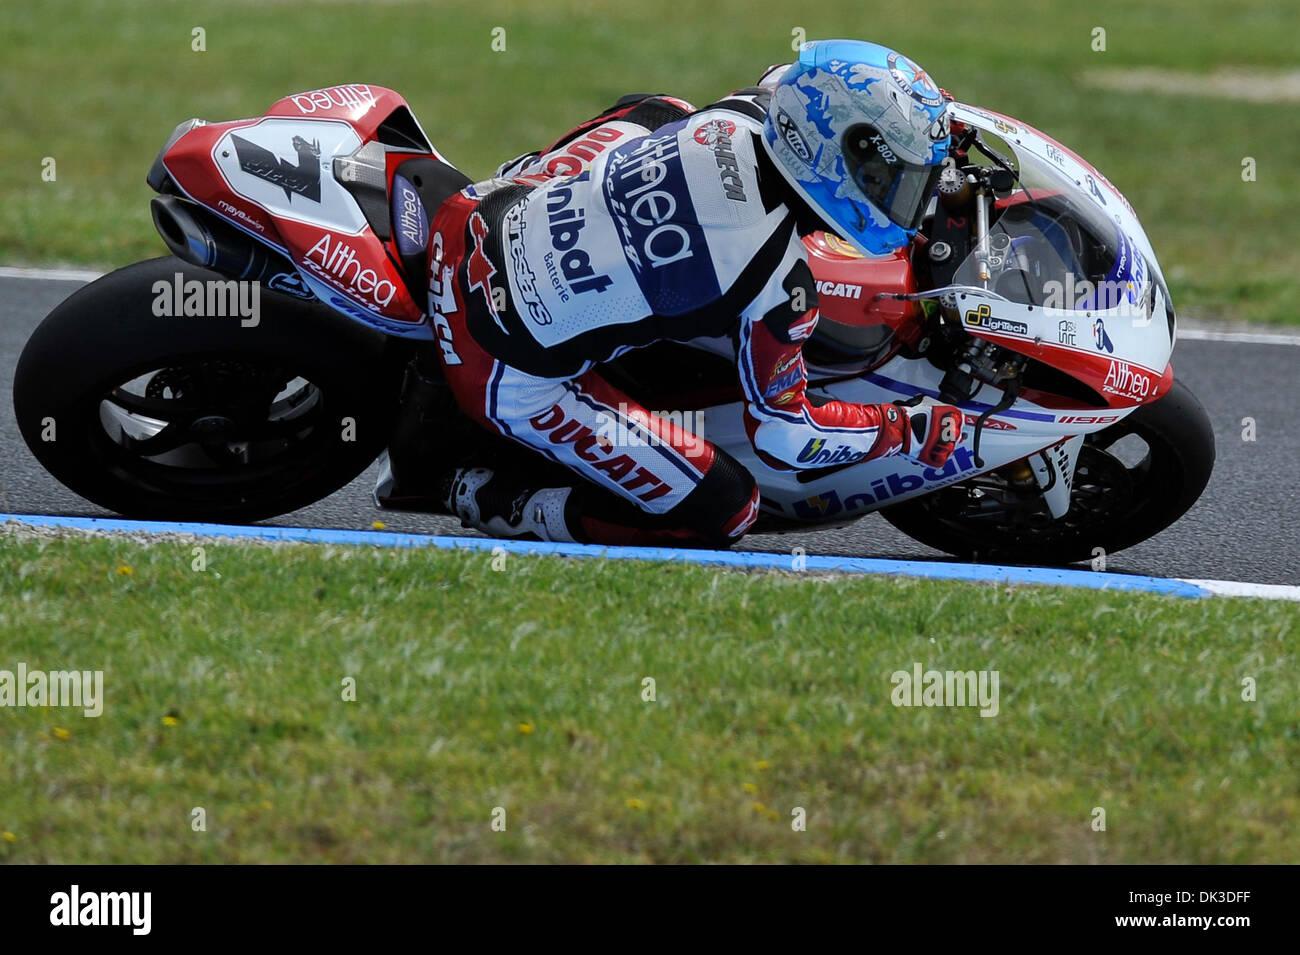 Feb. 27, 2011 - Phillip Island, Victoria, Australia - Carlos Checa (ESP) riding the Ducati 1098R (7) of the Althea Stock Photo